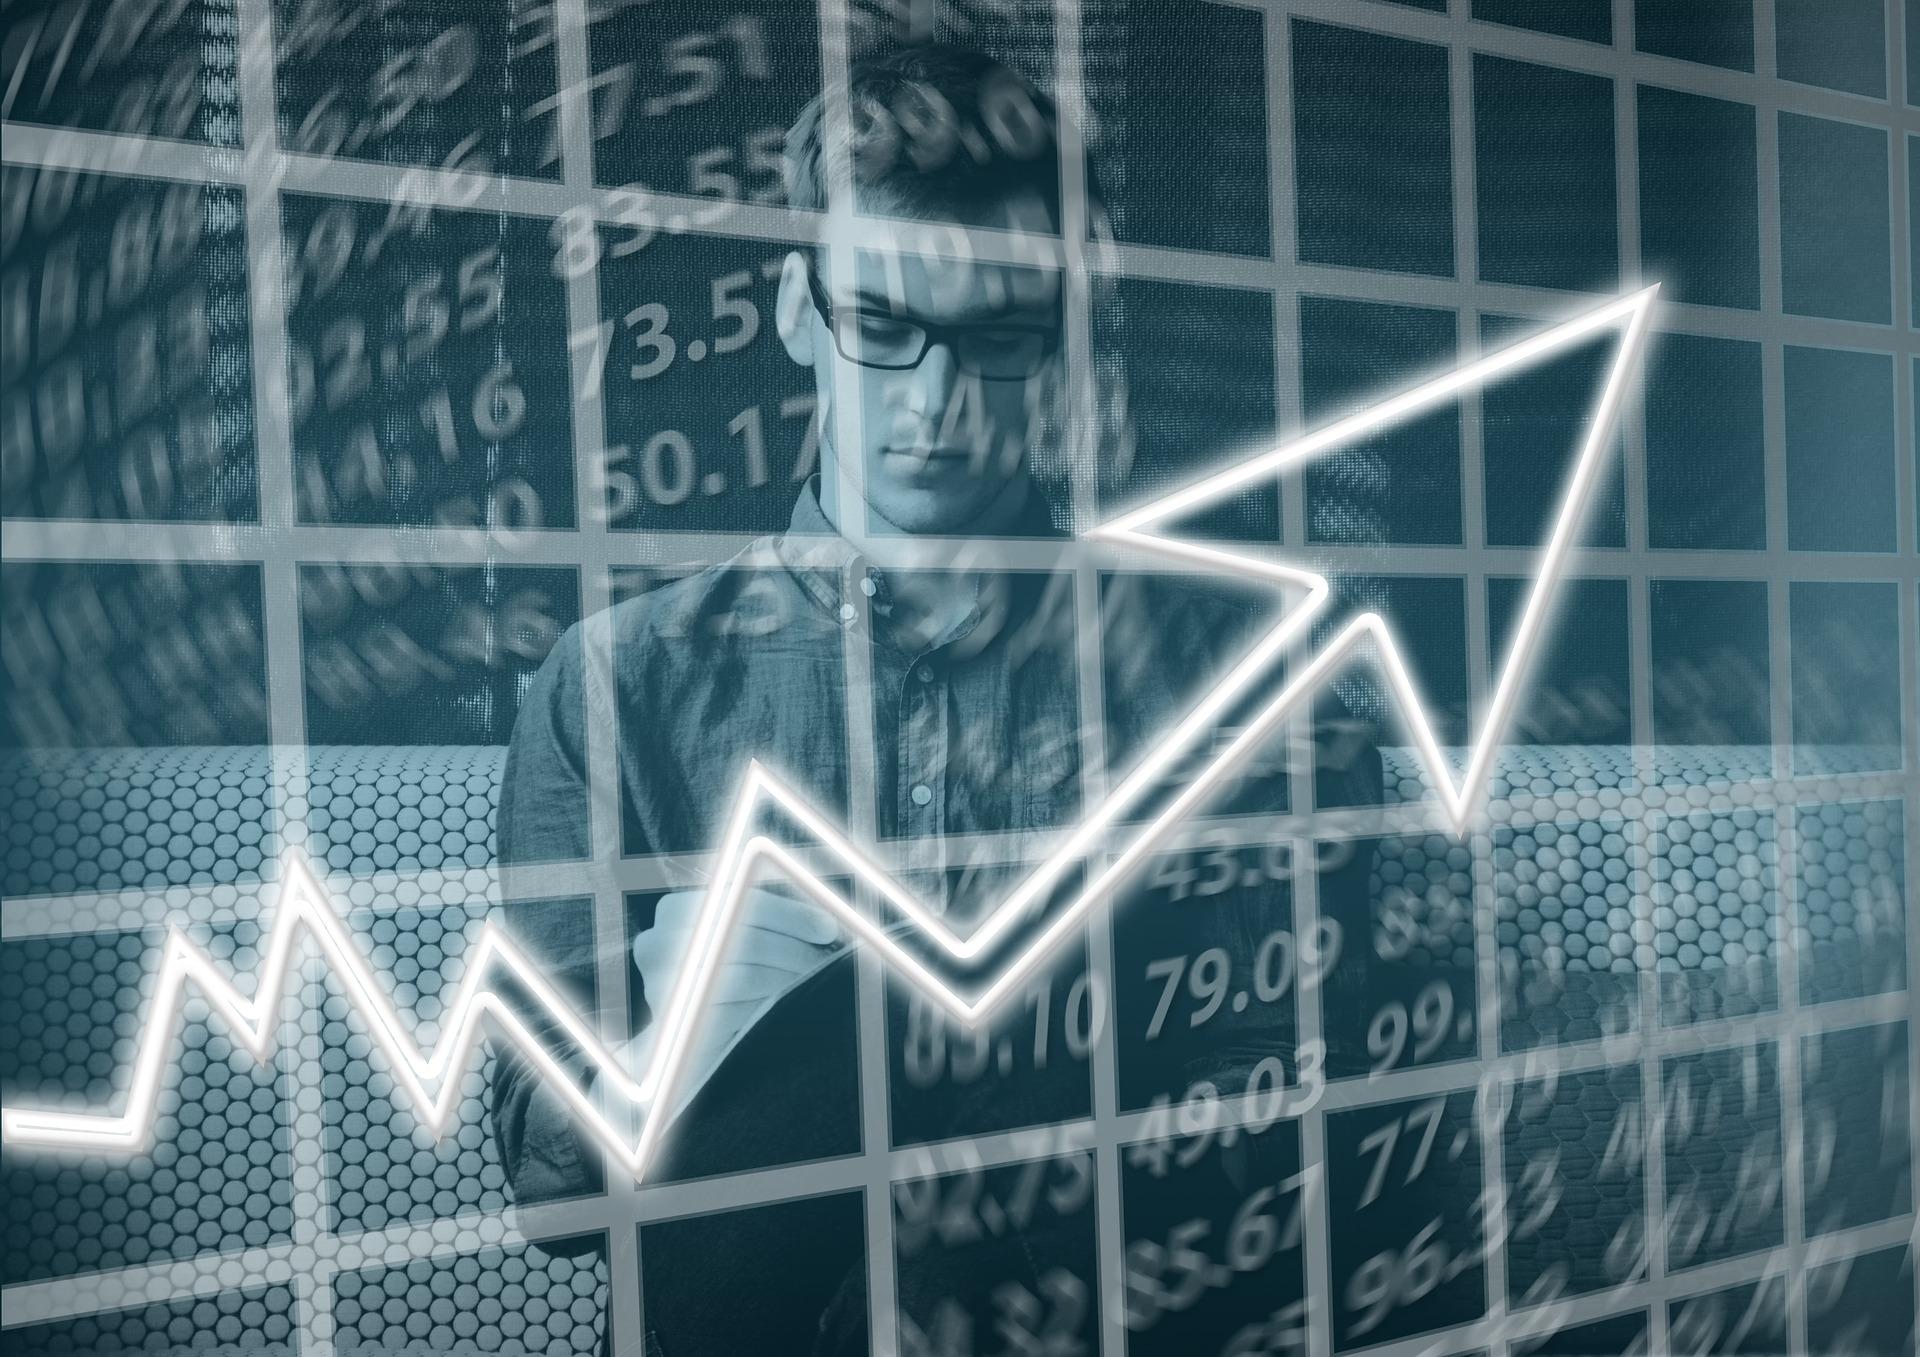 jednoosobowa-dzialalnosc-gospodarcza